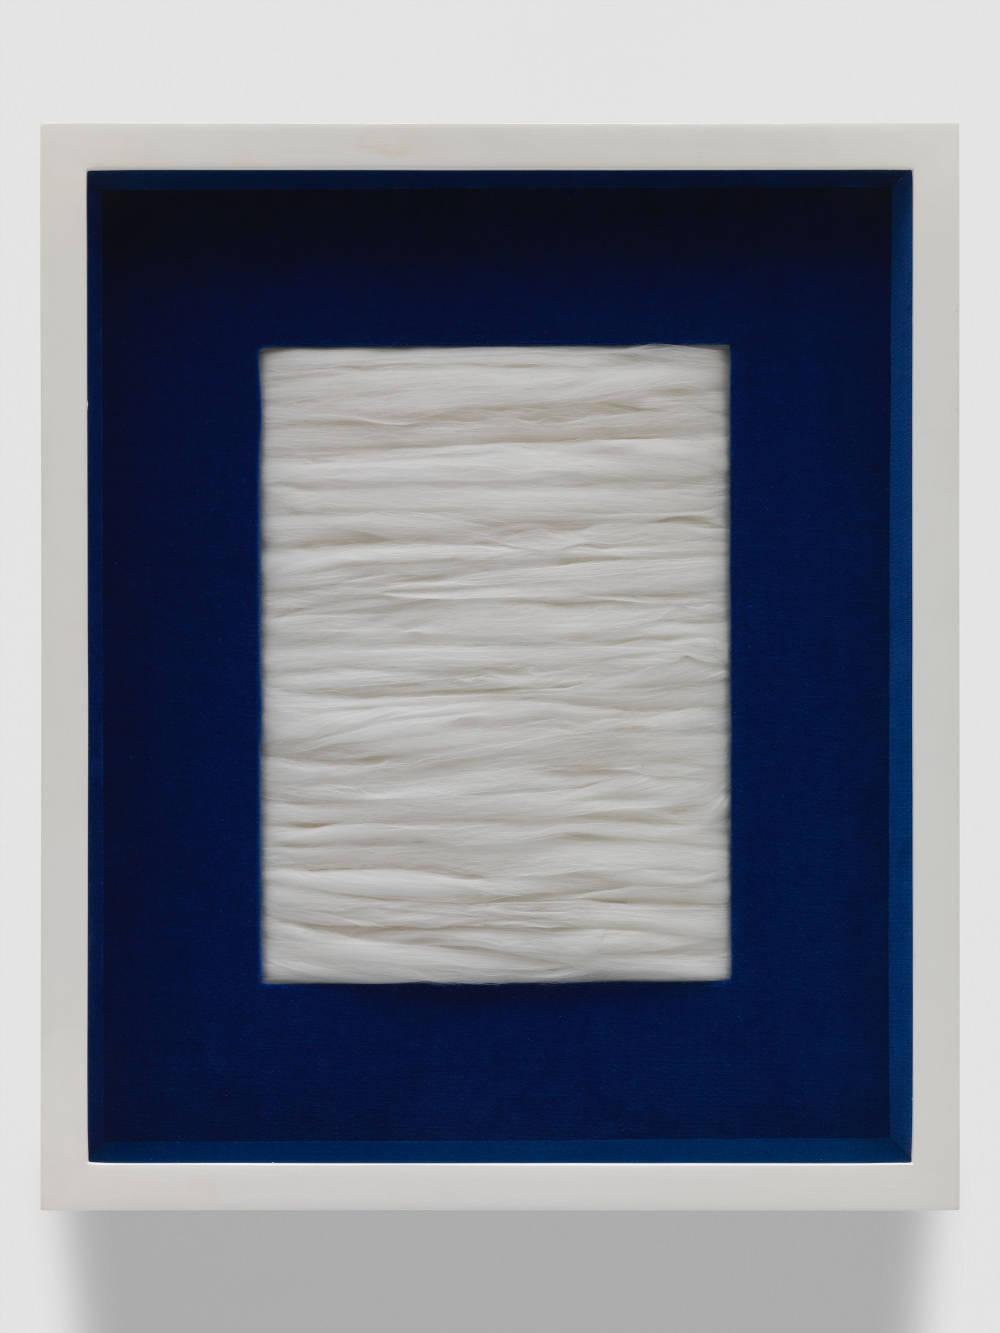 Piero Manzoni, Achrome, 1962. Synthetic fiber 28.5 x 21.5 cm / 11 1/4 x 8 1/2 in. Courtesy Fondazione Piero Manzoni, Milan and Hauser & Wirth © Fondazione Piero Manzoni, Milan